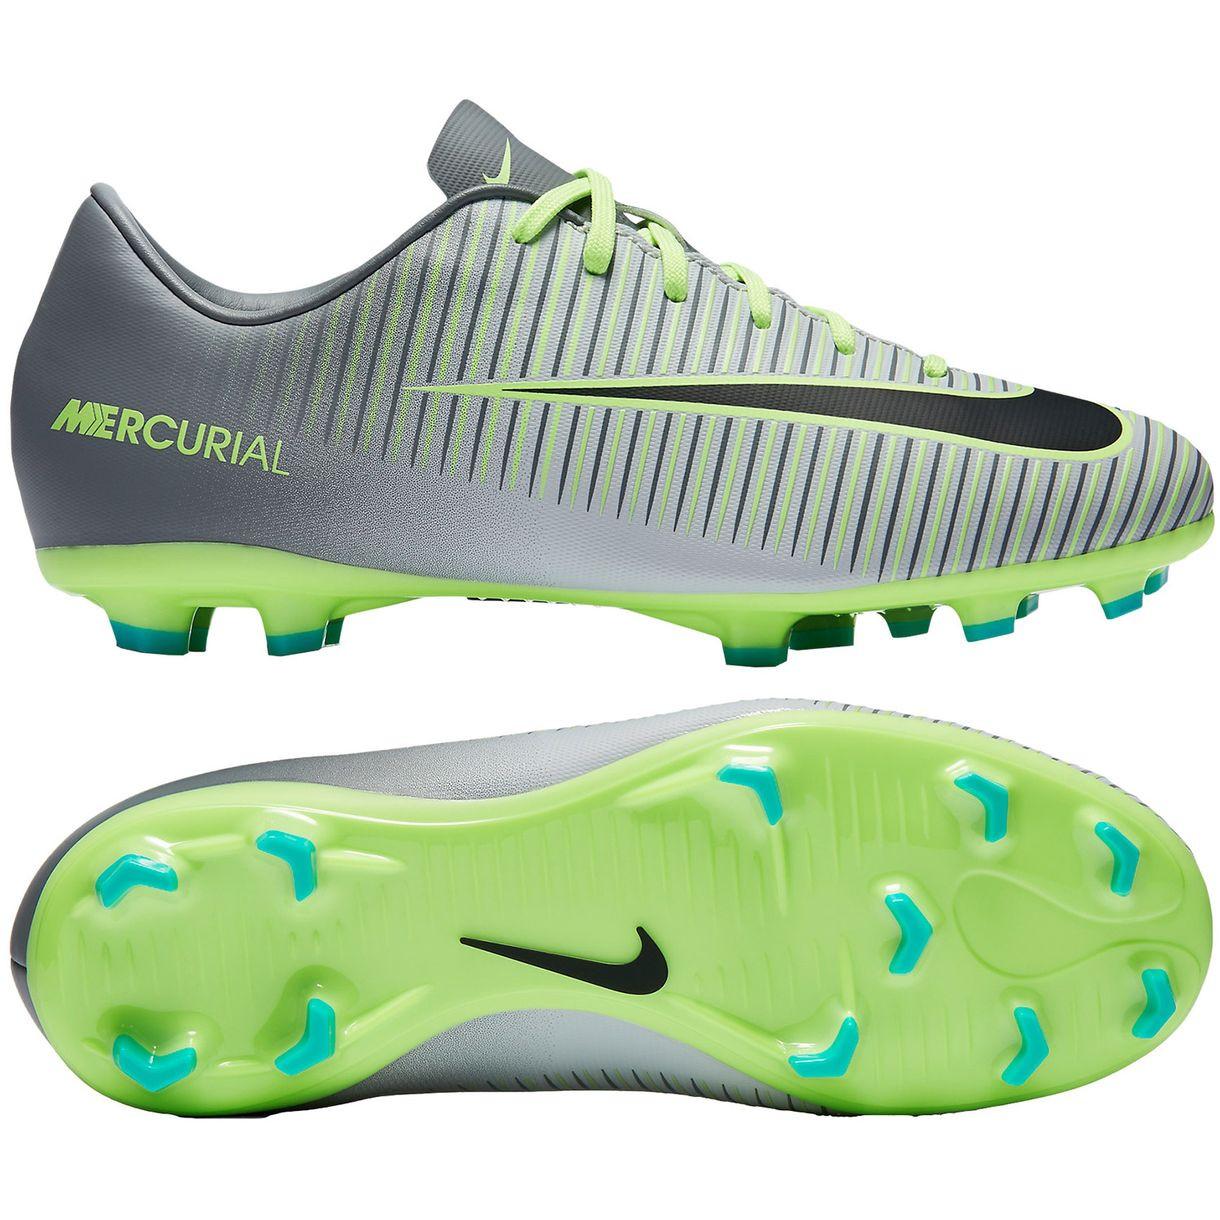 cddc27de6fec Детская футбольная обувь Nike продажа, цена в Киеве. футбольная ...